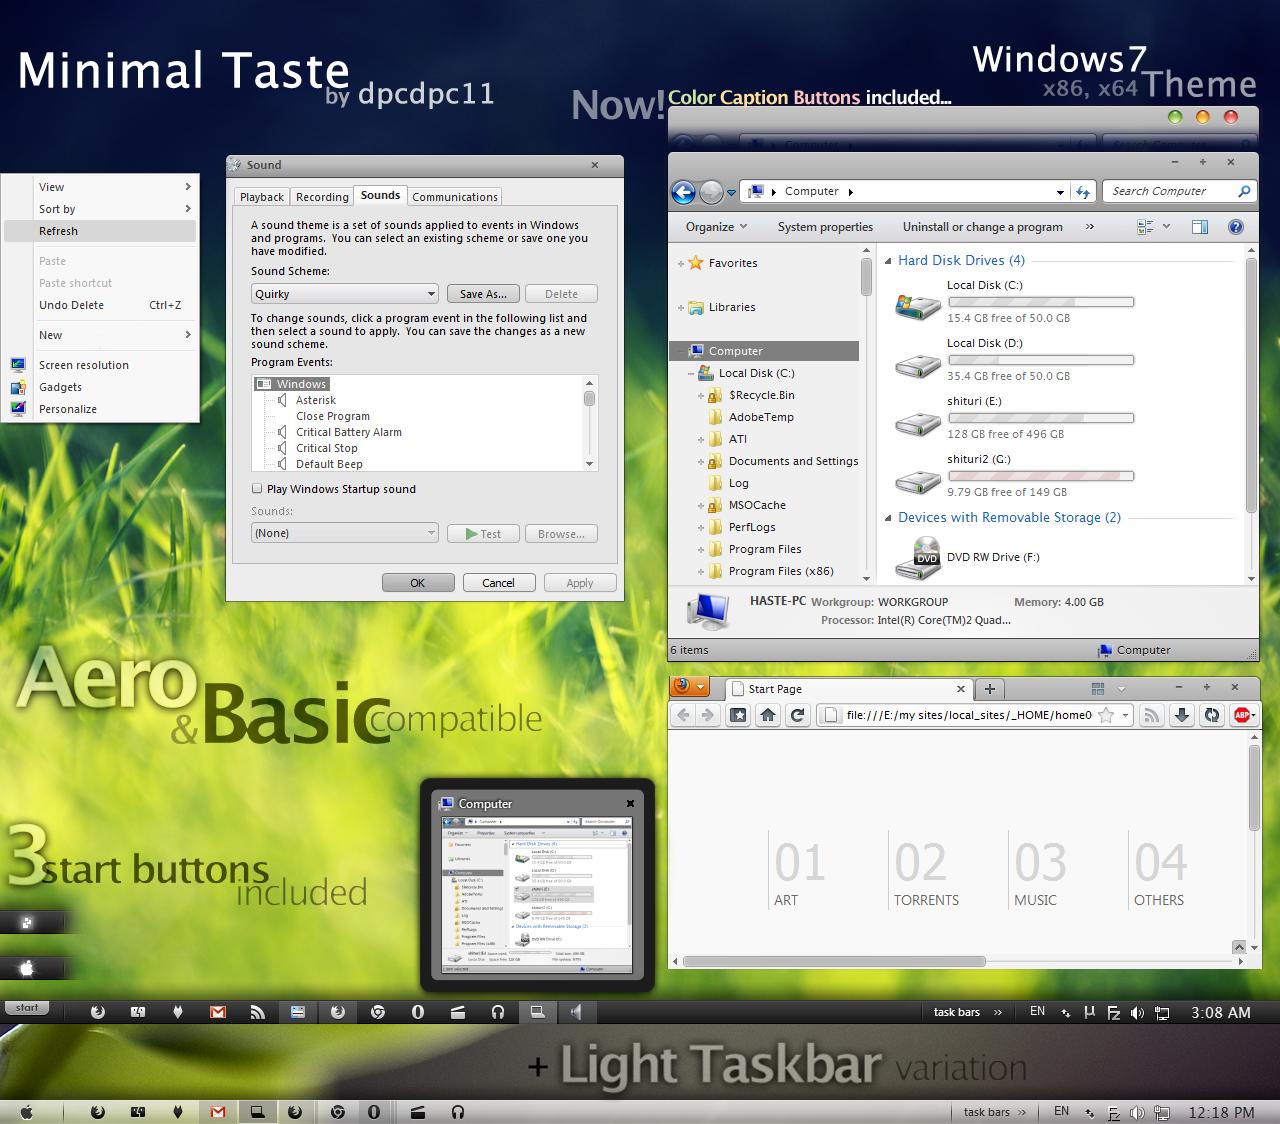 Minimal Taste theme for Windows7